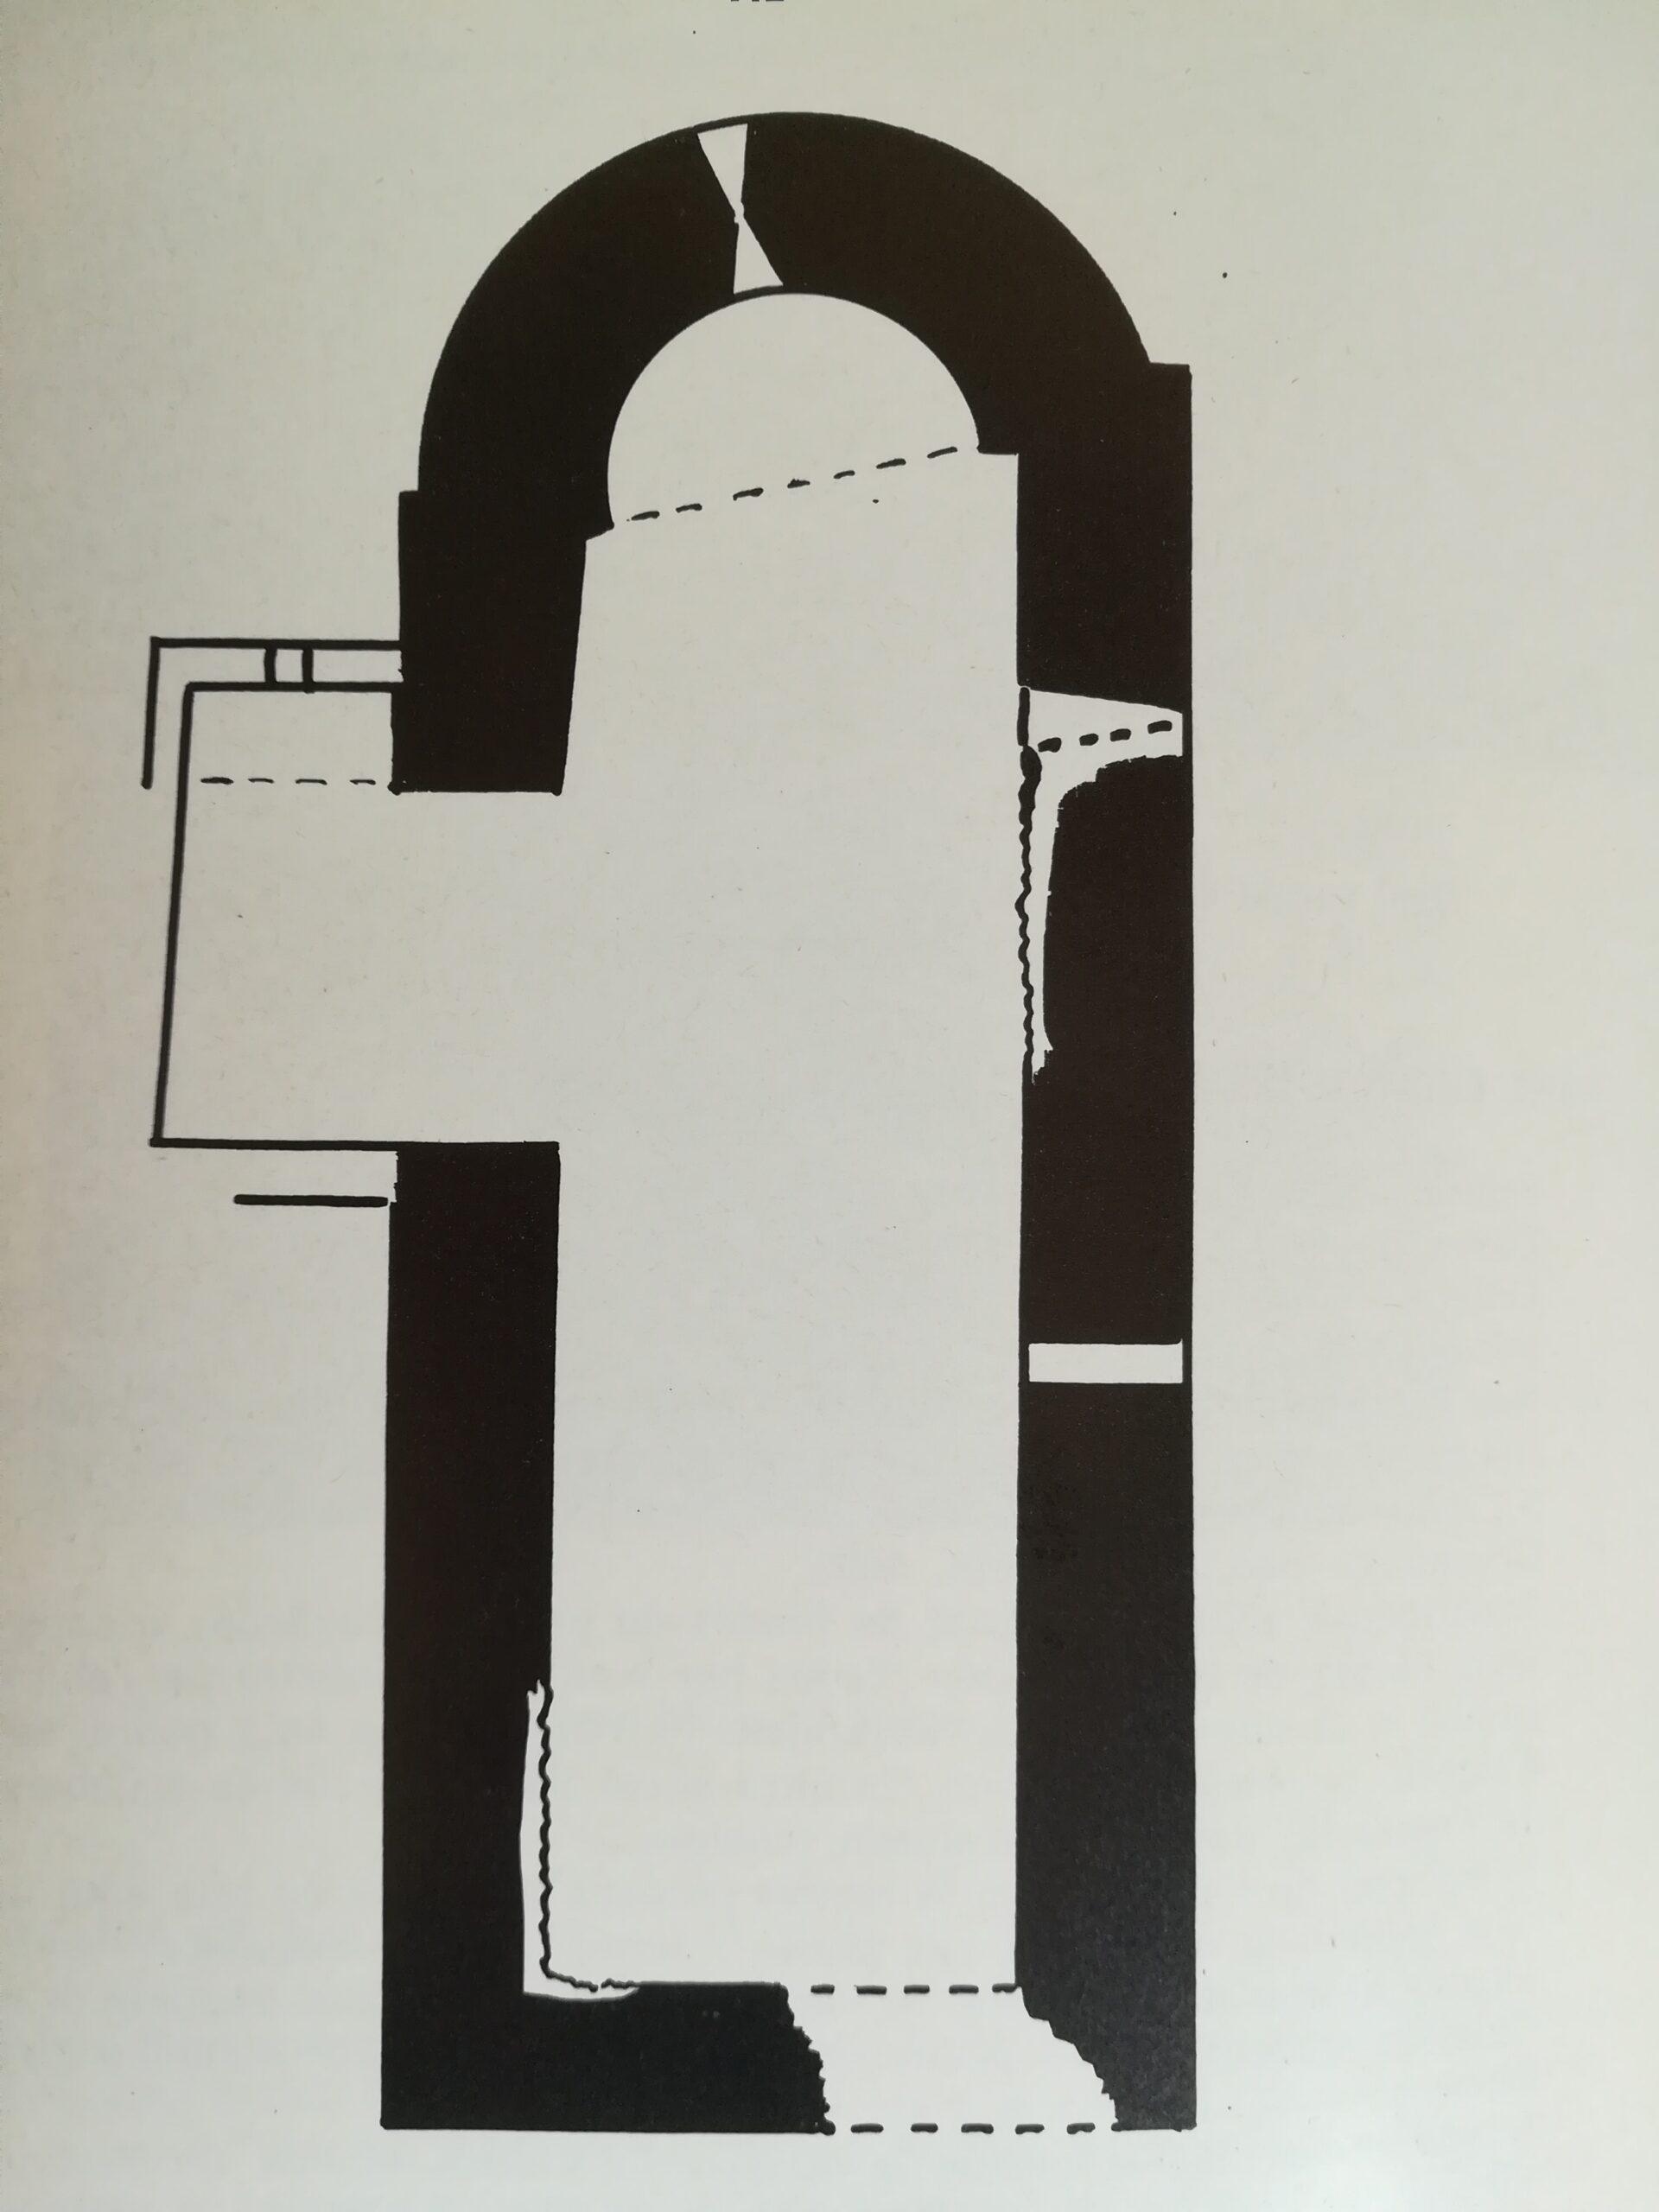 Planta de l'església castellera de Sant Eudald, del Castell de Rubió de Baix. Foradada, La Noguera. Lleida, Catalunya. Montsec de Rúbies (o de Meià).